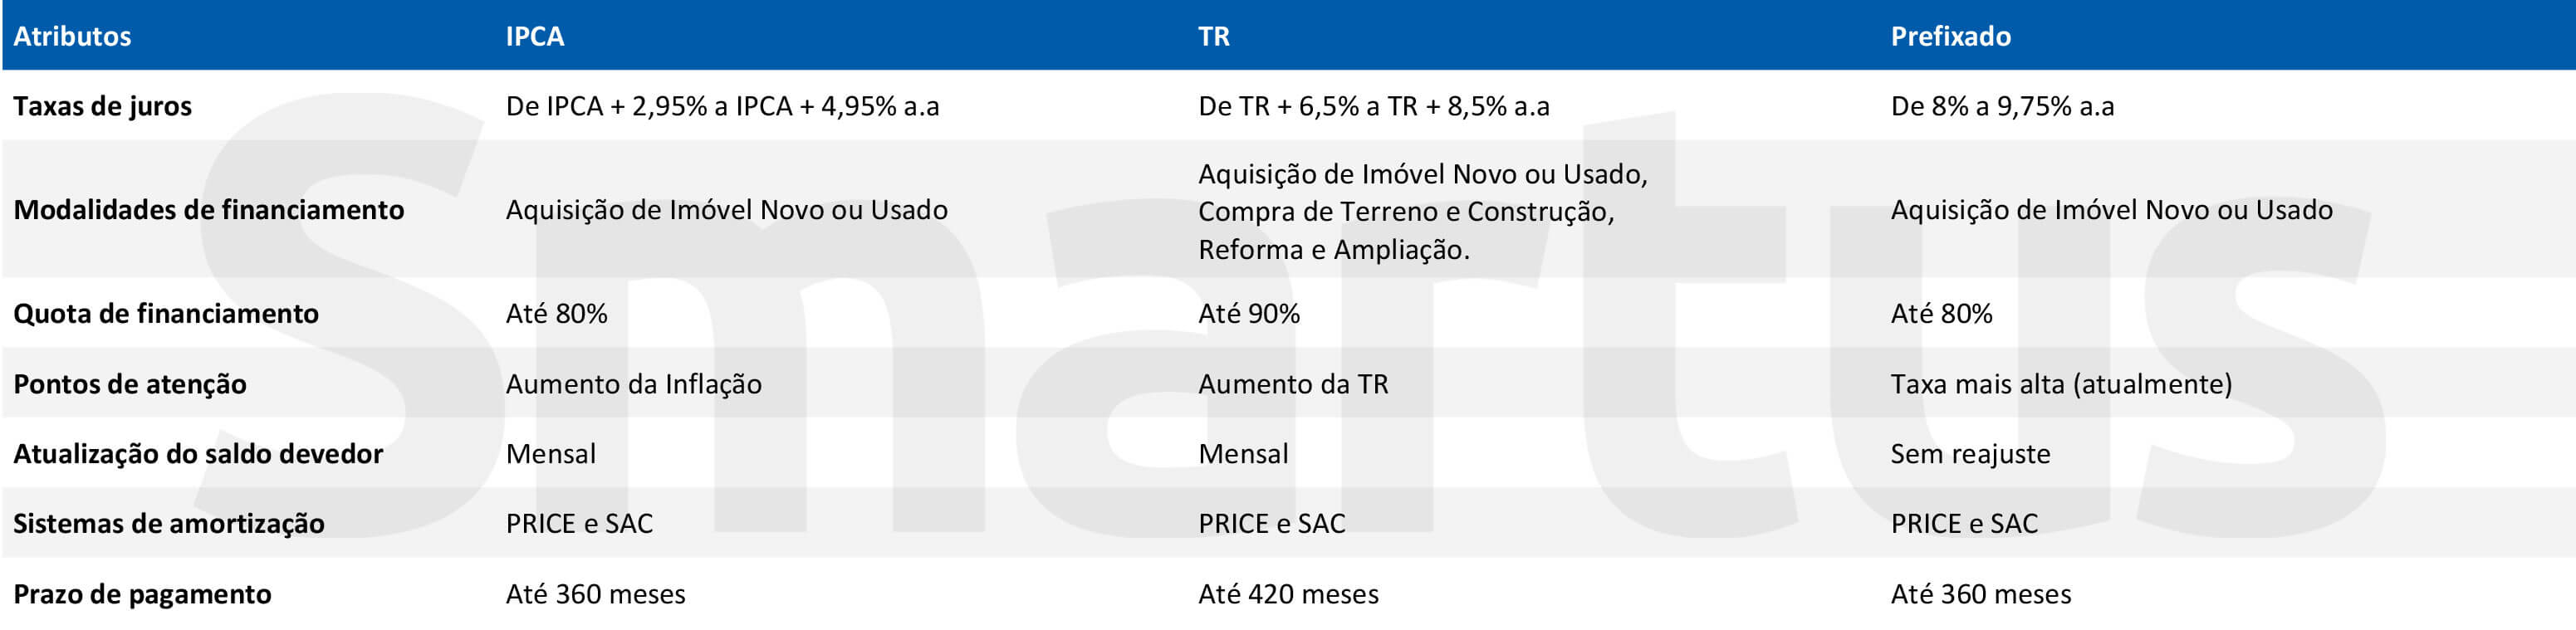 Tabela comparada créditos imobiliários oferecidos pela Caixa